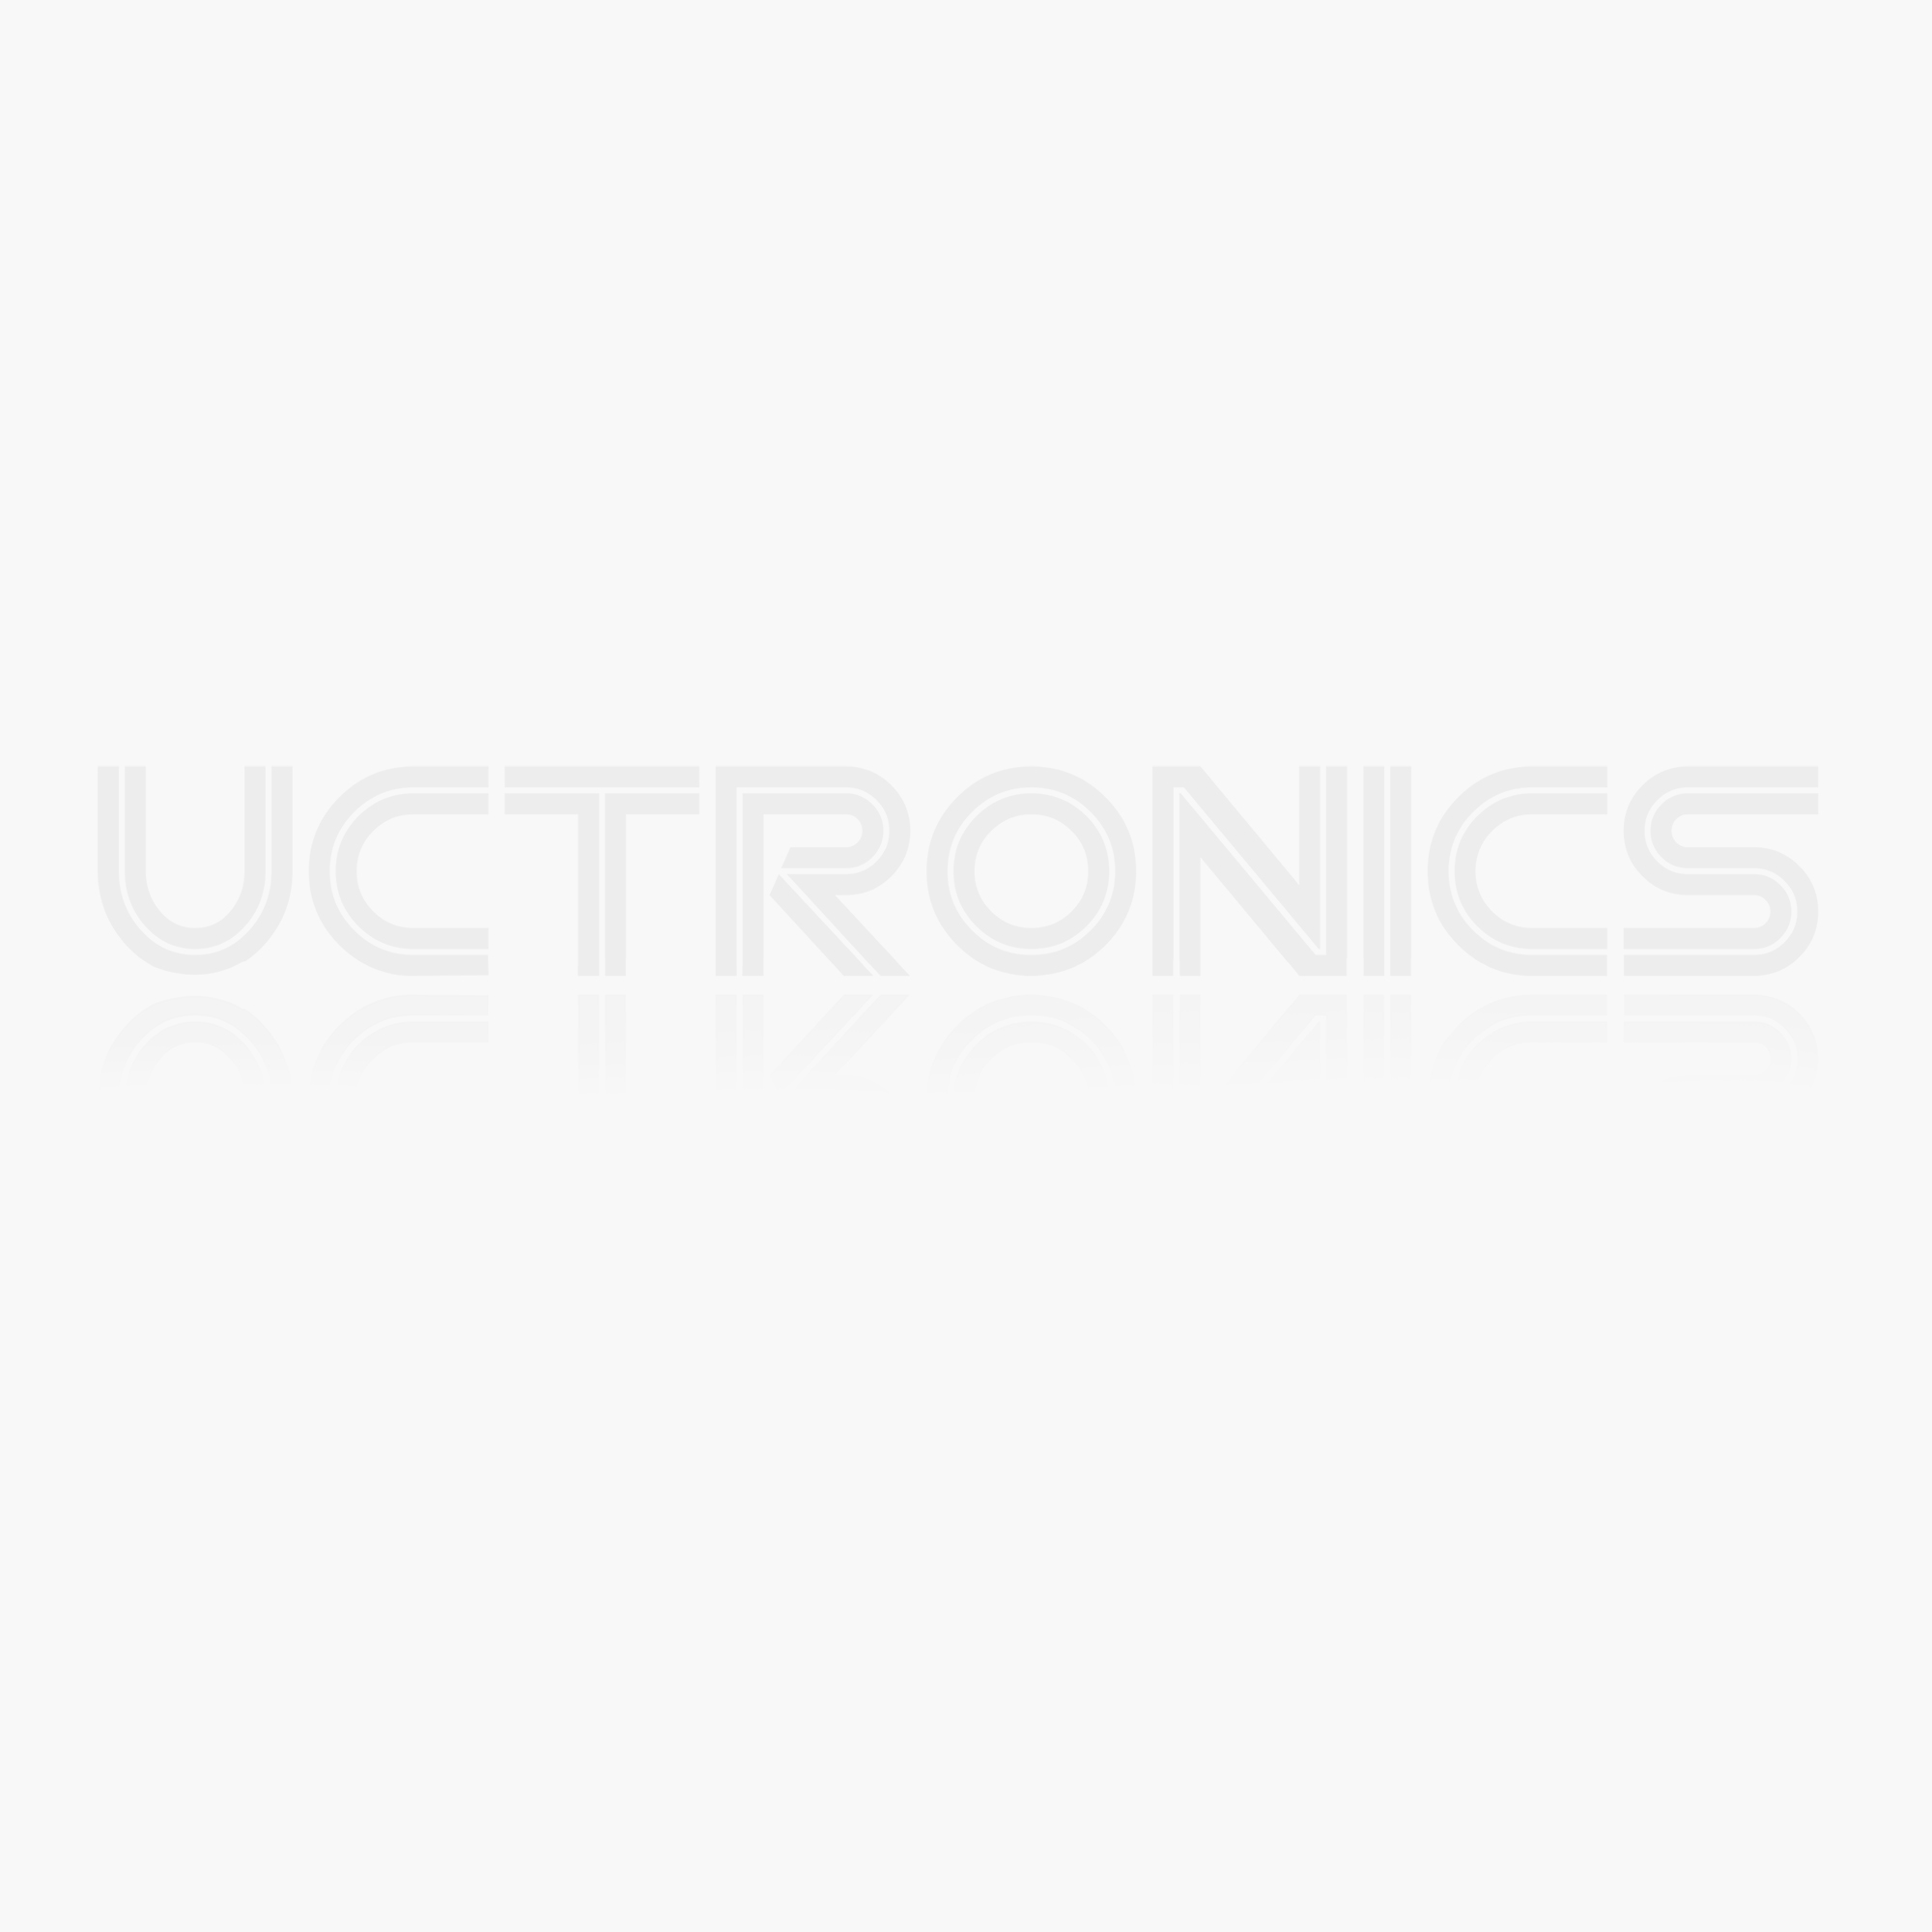 DC 0.28'' Red LED Display 2.5 to 30V Digital Voltage Meter Voltmeter Power Panel